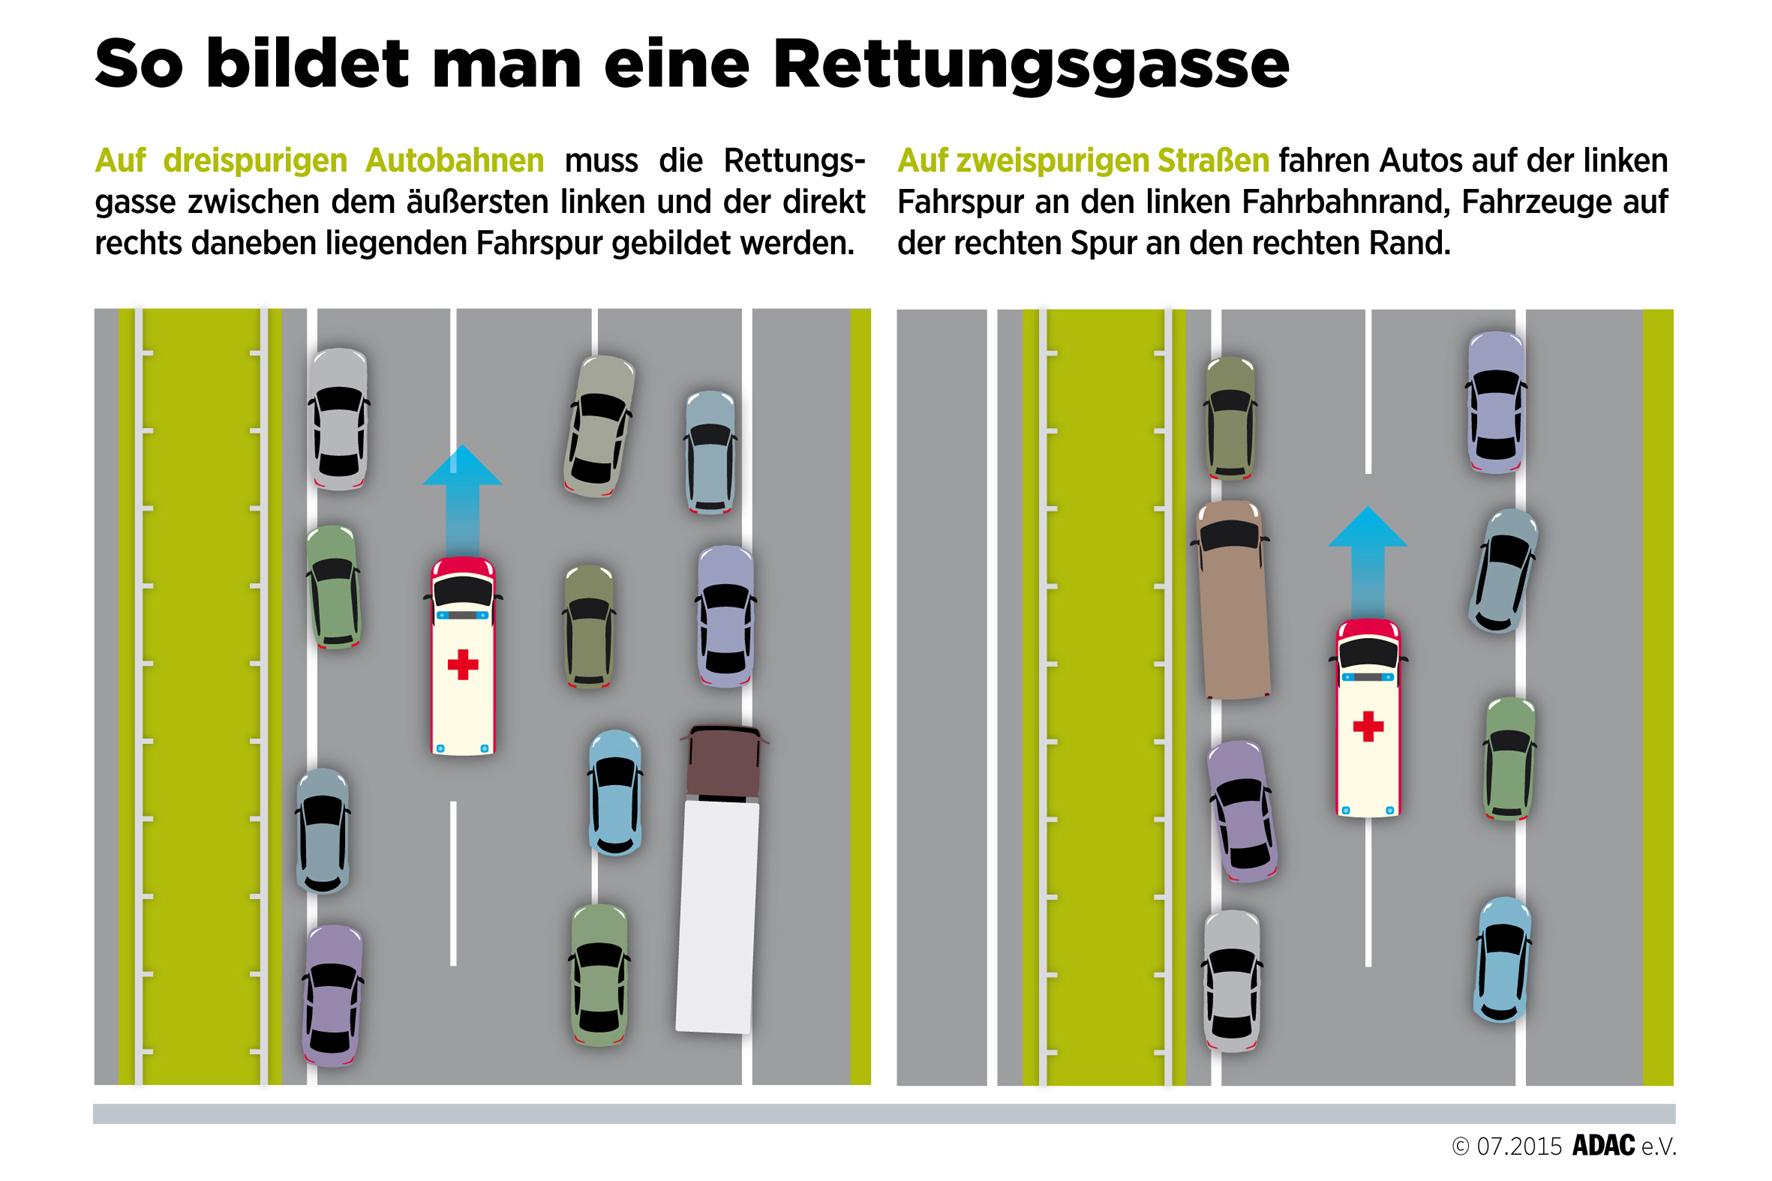 mid München - Auf dreispurigen Straßen verläuft die Rettungsgasse zwischen dem Fahrstreifen ganz links und der Fahrbahn rechts daneben (links). Auf Straßen mit zwei Spuren je Richtung ist die Rettungsgasse in der Mitte.